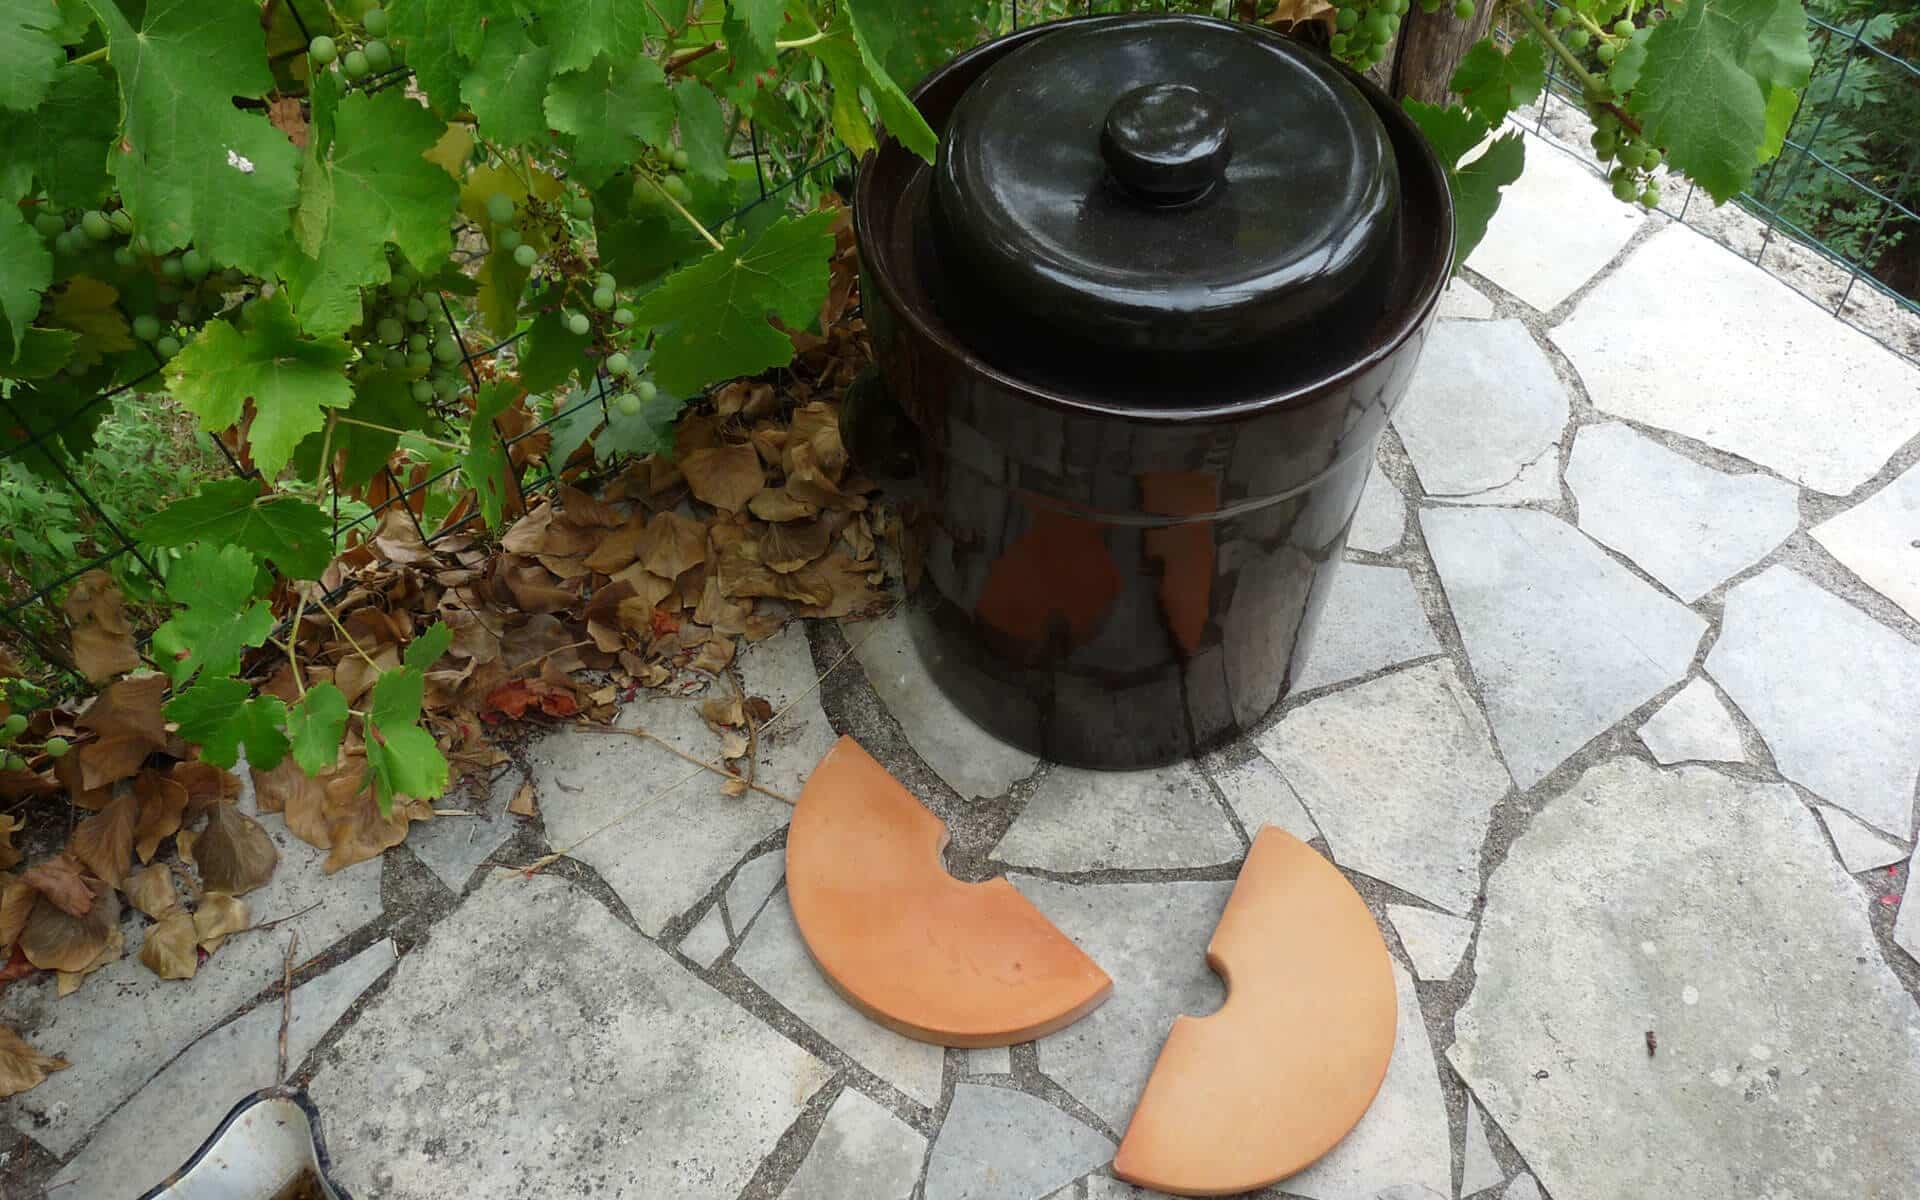 Pot en grès avec joint hydraulique et ses pierres d'appui pour tasser la préparation lacto fermentée.